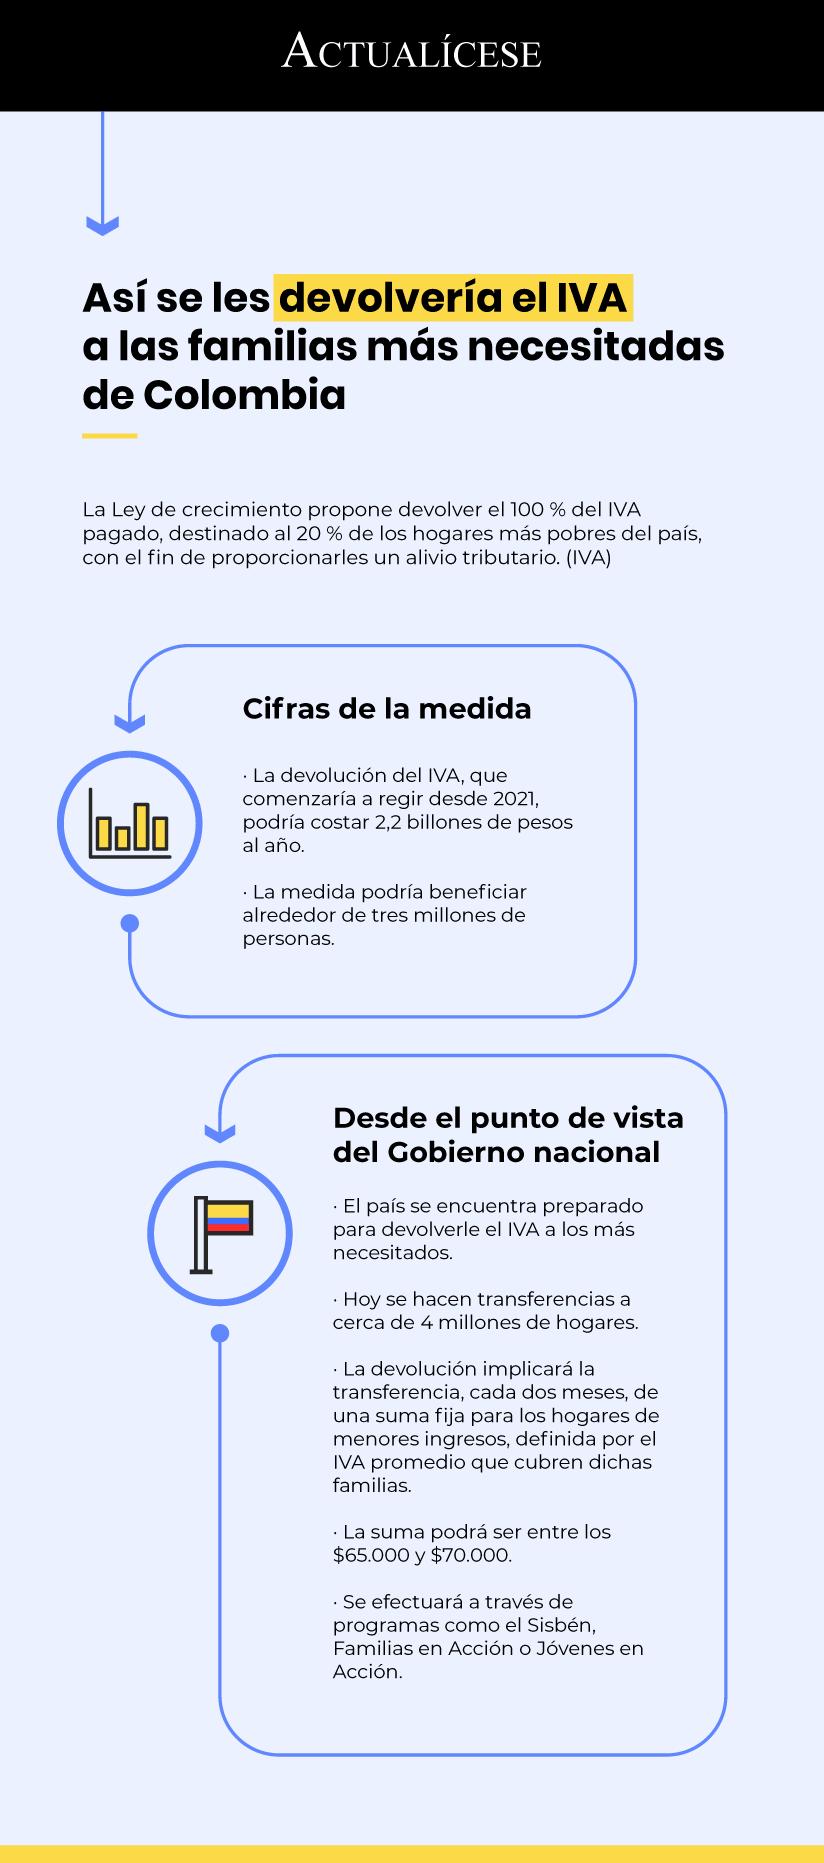 [Infografía] Así se les devolvería el IVA a las familias más necesitadas de Colombia